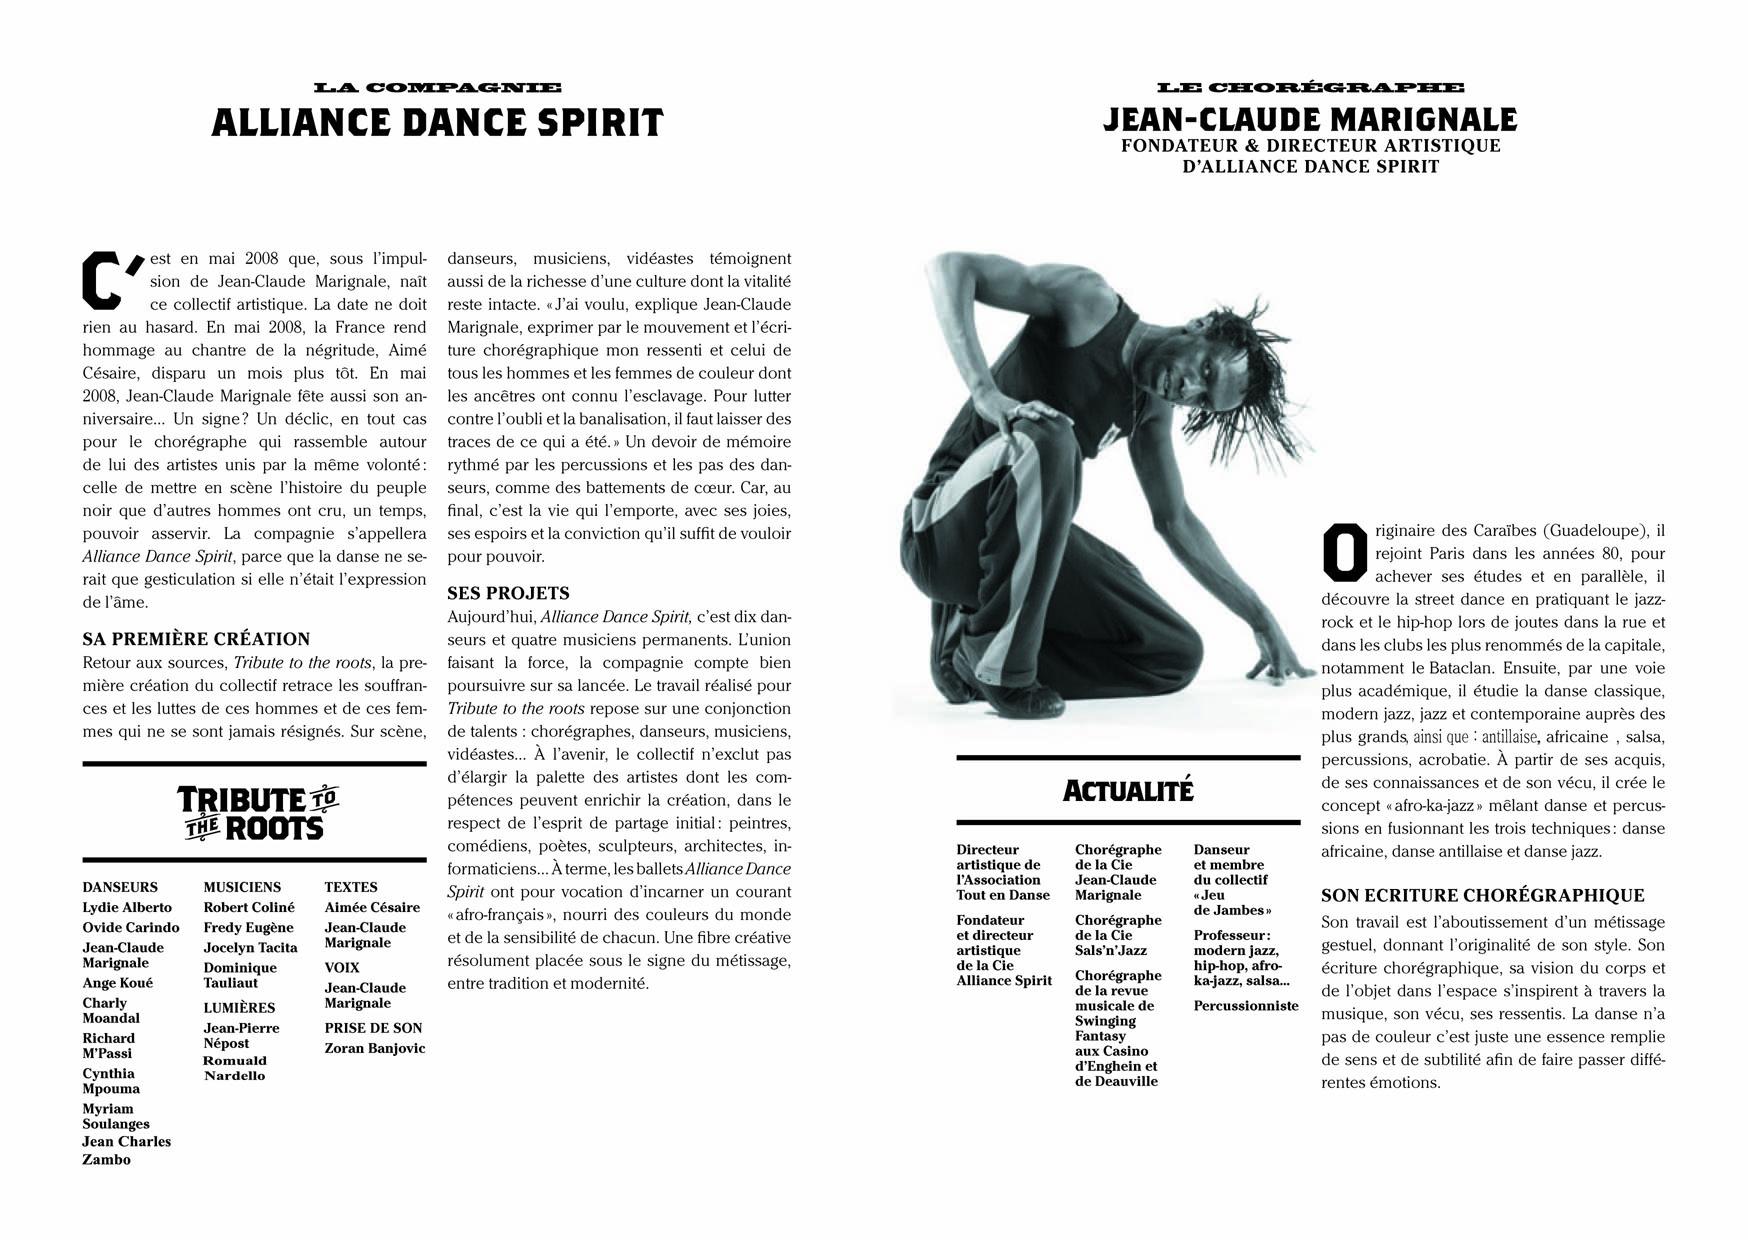 livret-smj-9-mai-2009-page-2-apl-modif2-web.jpg